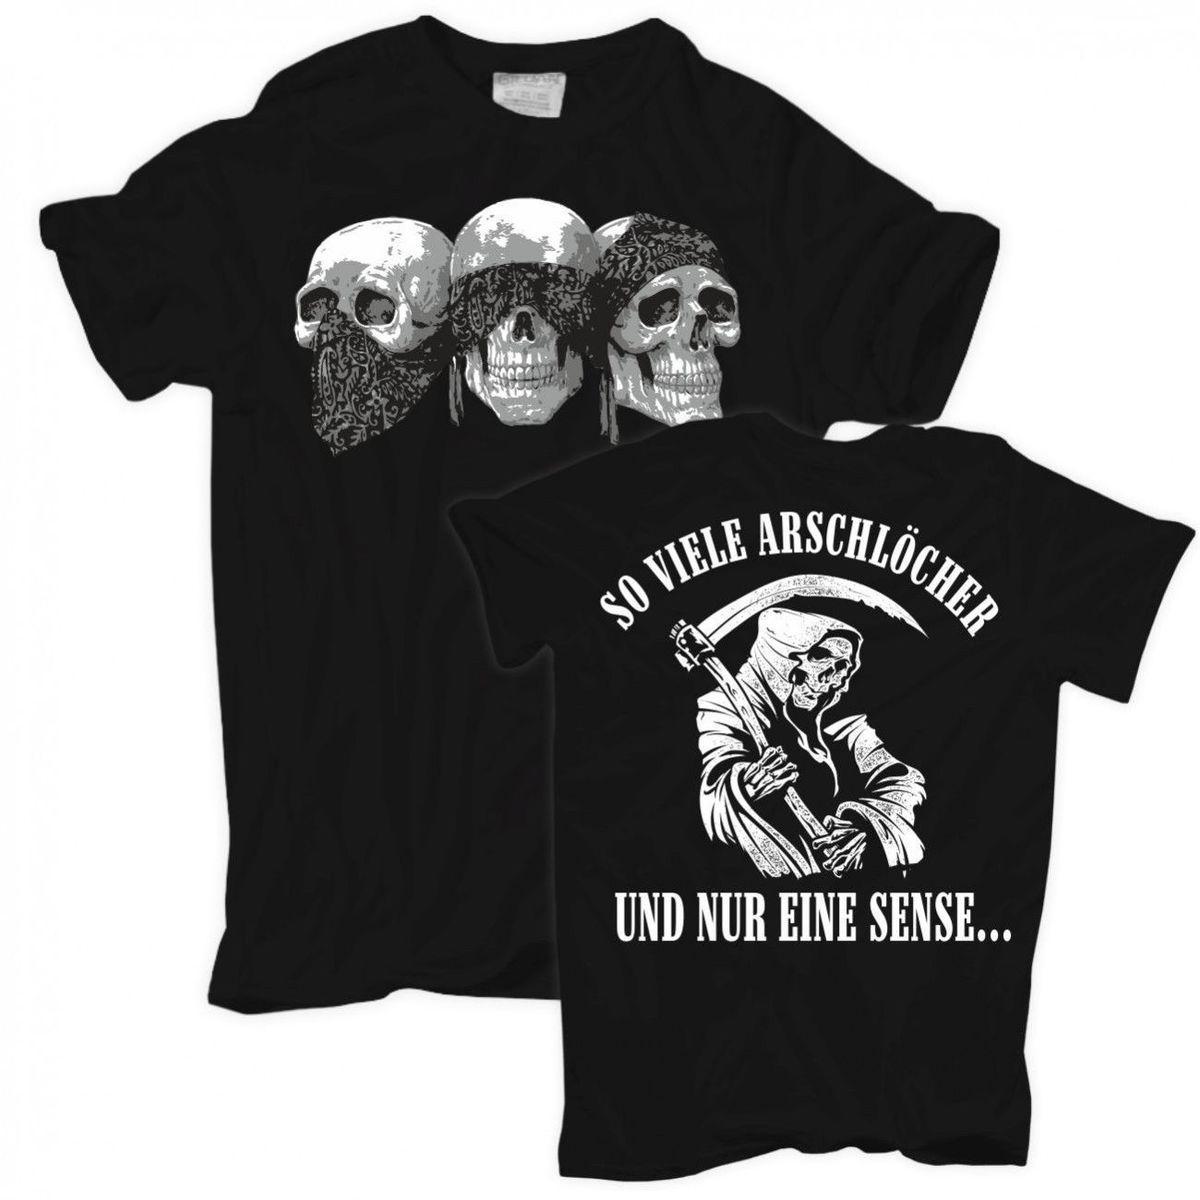 Full Size of Coole Tshirt Sprüche Englisch Coole Sprüche Für T Shirt Druck Coole Sprüche Für Auf T Shirt Coole T Shirt Sprüche Küche Coole T Shirt Sprüche